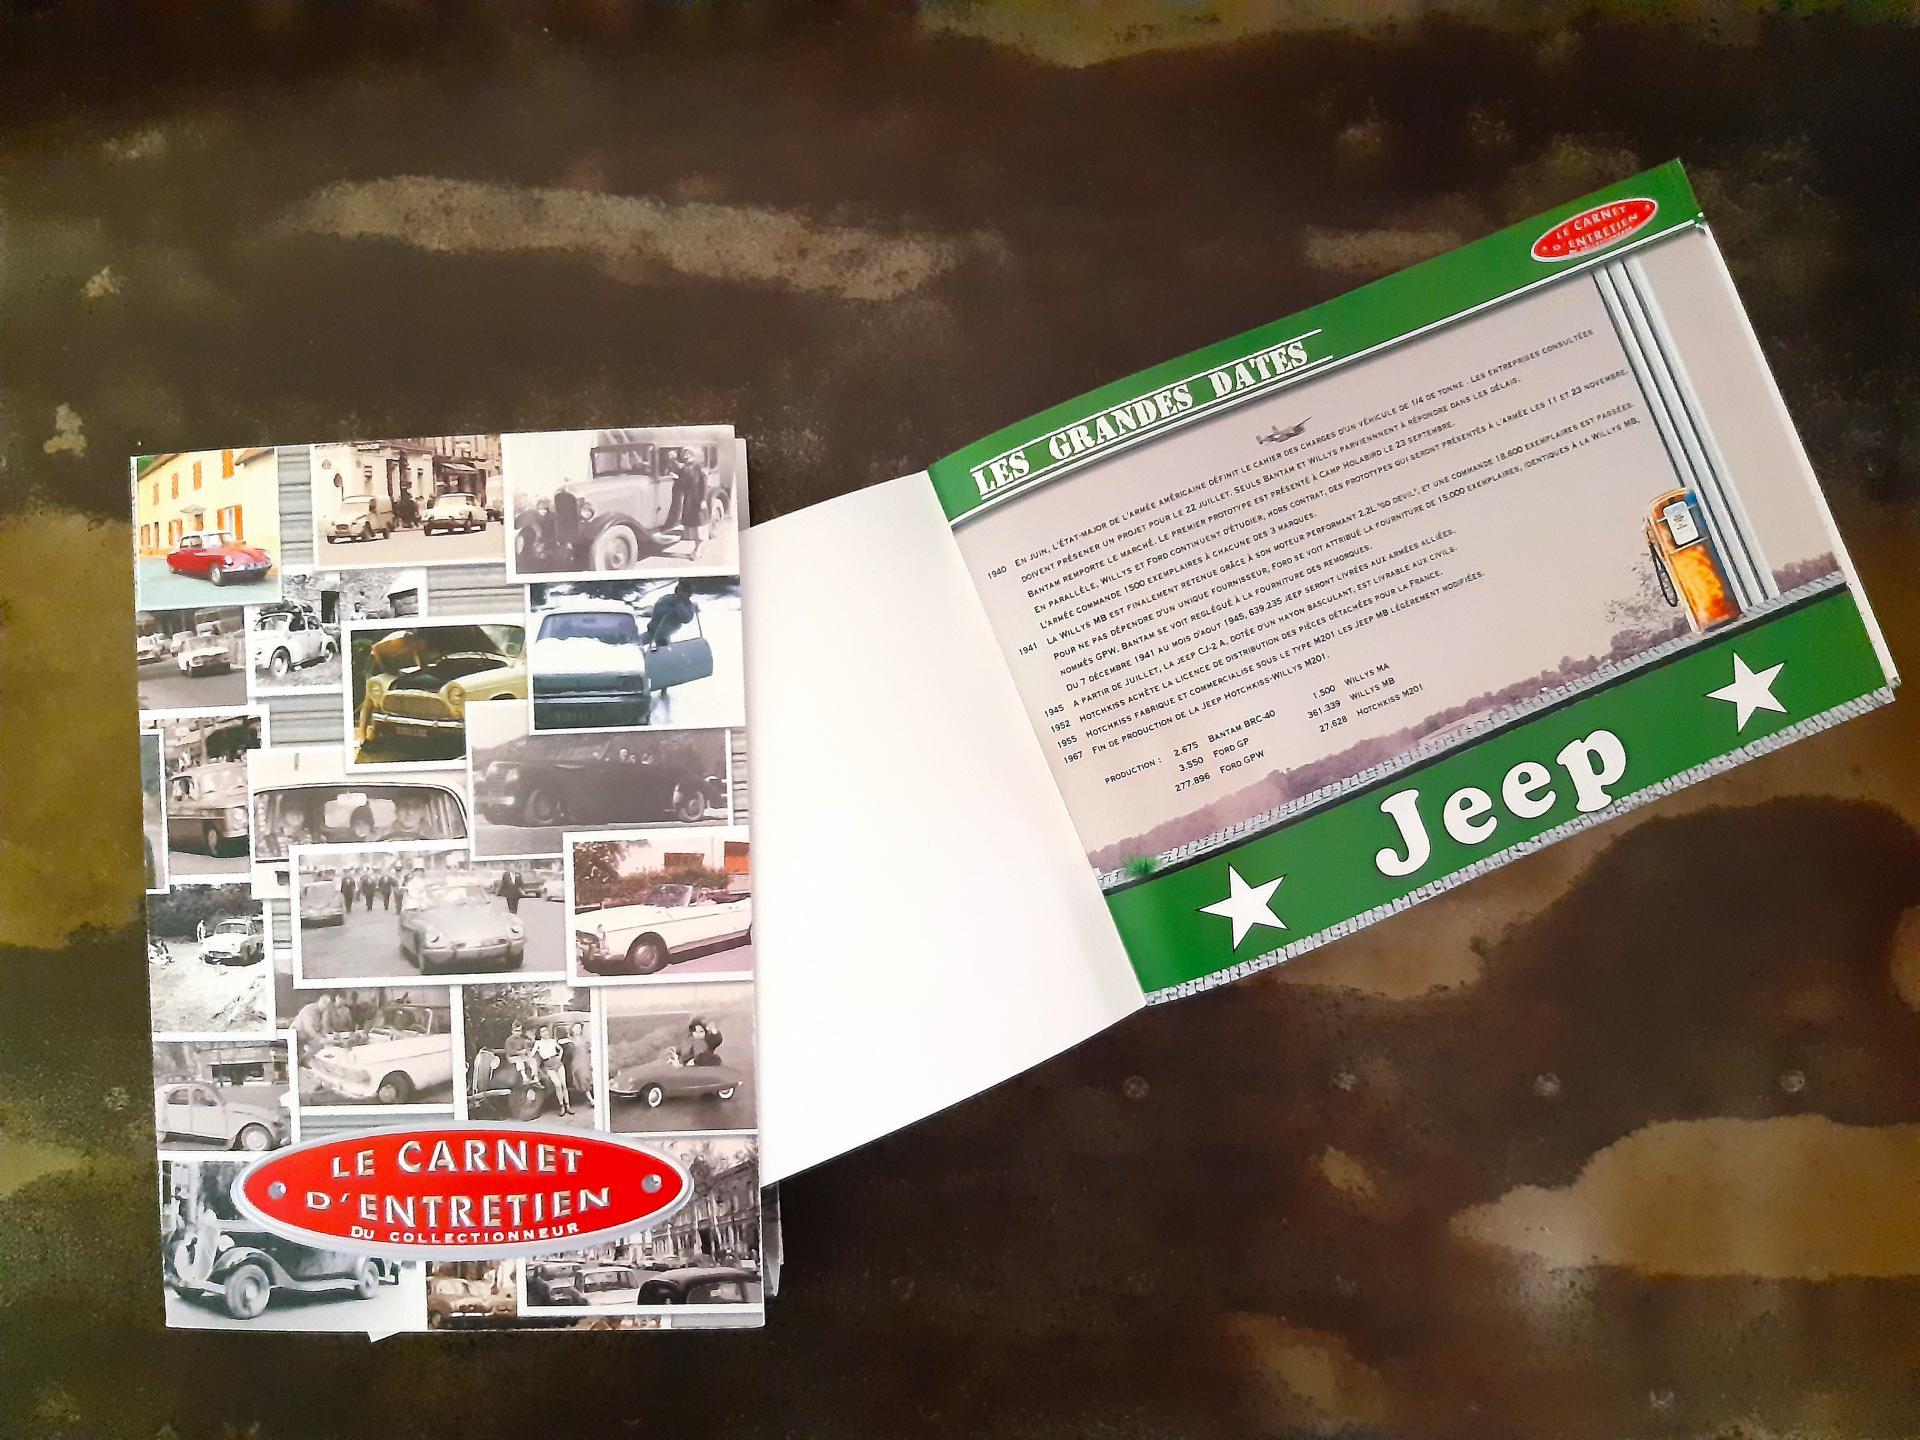 Carnet entretien jeep